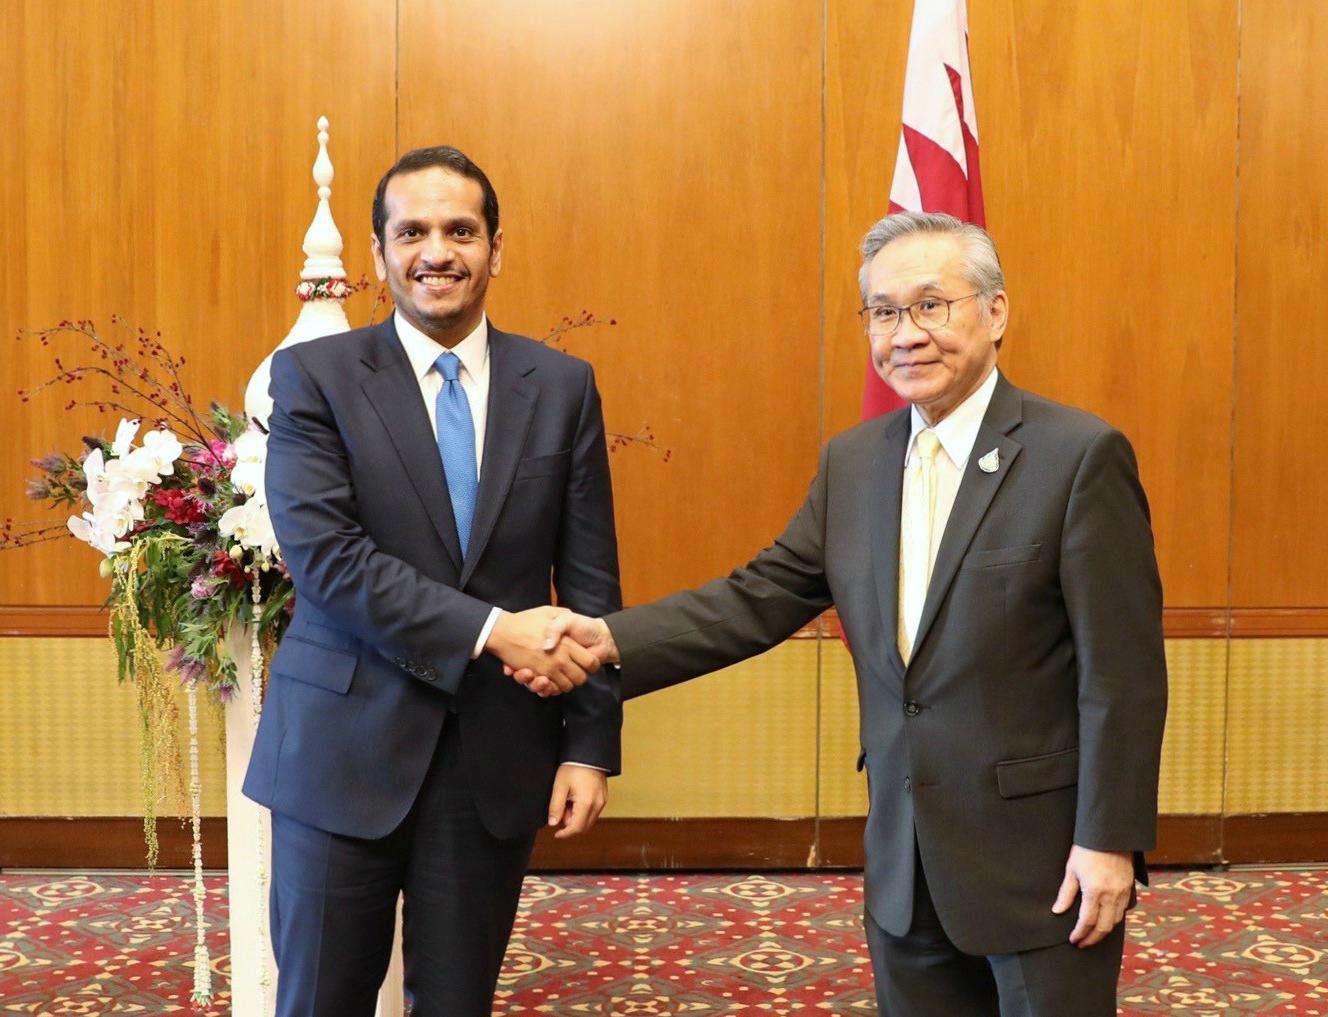 نائب رئيس مجلس الوزراء وزير الخارجية يجتمع مع وزير خارجية تايلاند